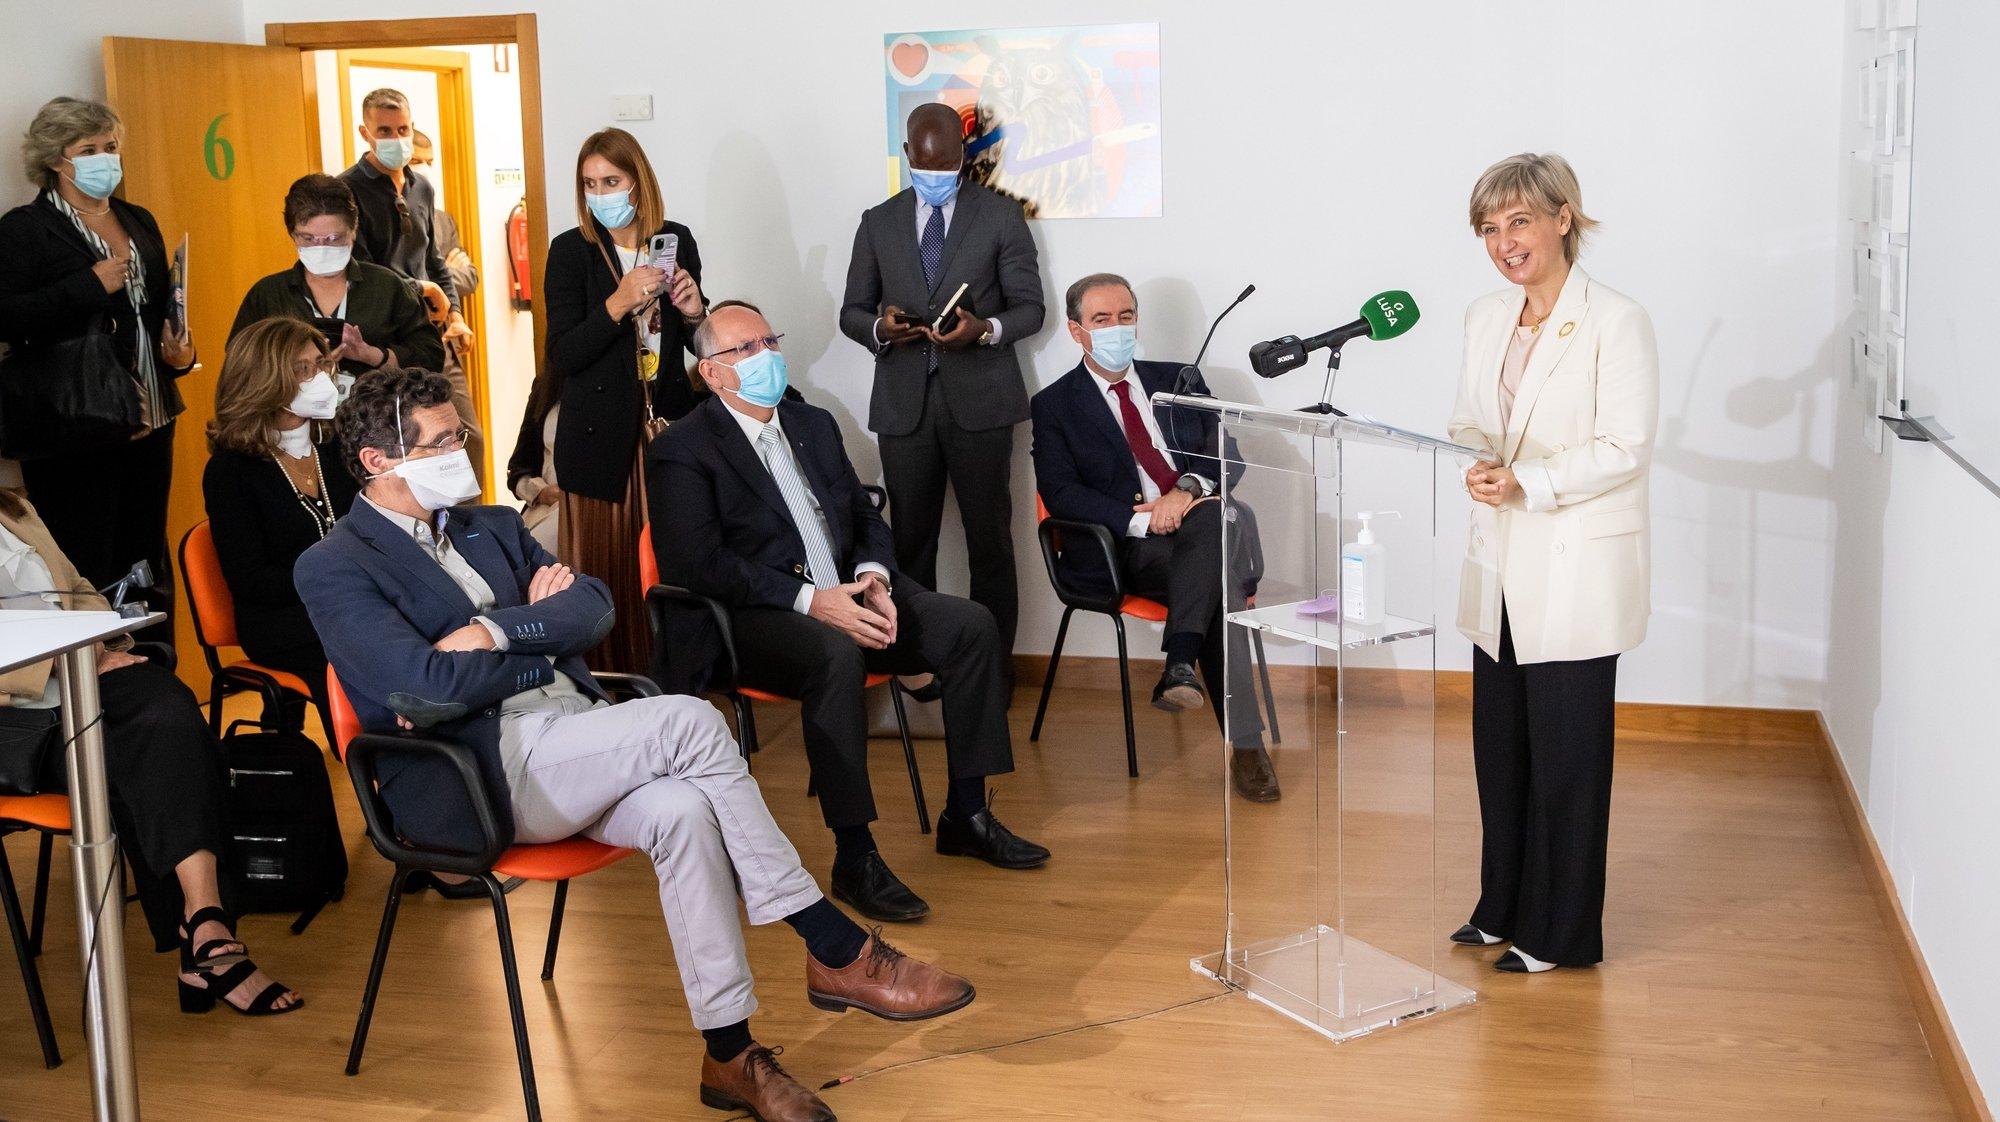 A ministra da Saúde, Marta Temido (D), discursa durante a inauguração das instalações provisórias da Unidade de Saúde Mental de Oeiras do Serviço de Psiquiatria do Centro Hospitalar Lisboa Ocidental (CHLO), em Oeiras, 25 de maio de 2021. JOSÉ SENA GOULÃO/LUSA